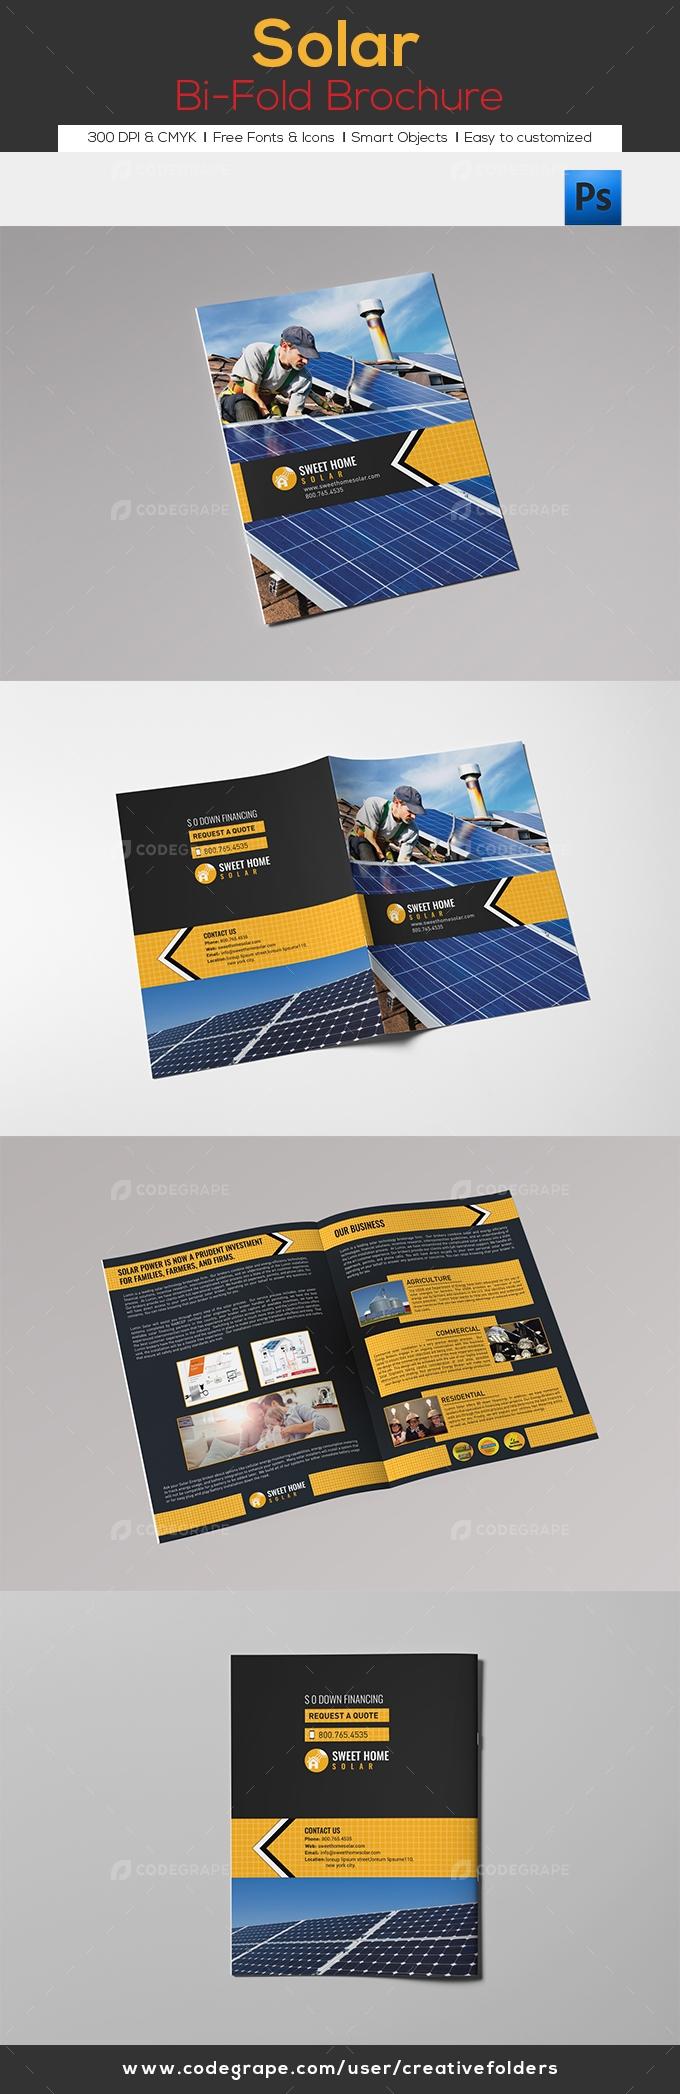 Solar Bi-Fold Brochure